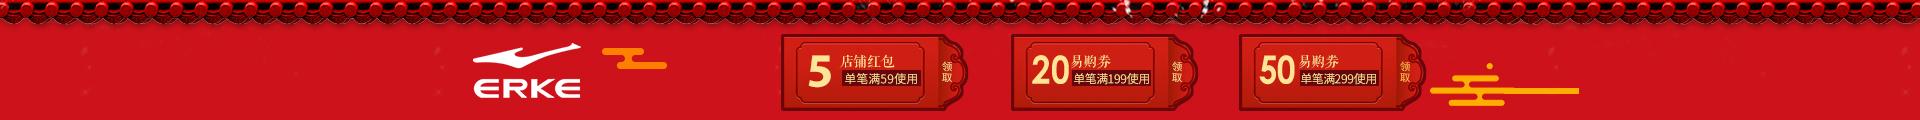 990-120-店招(1)